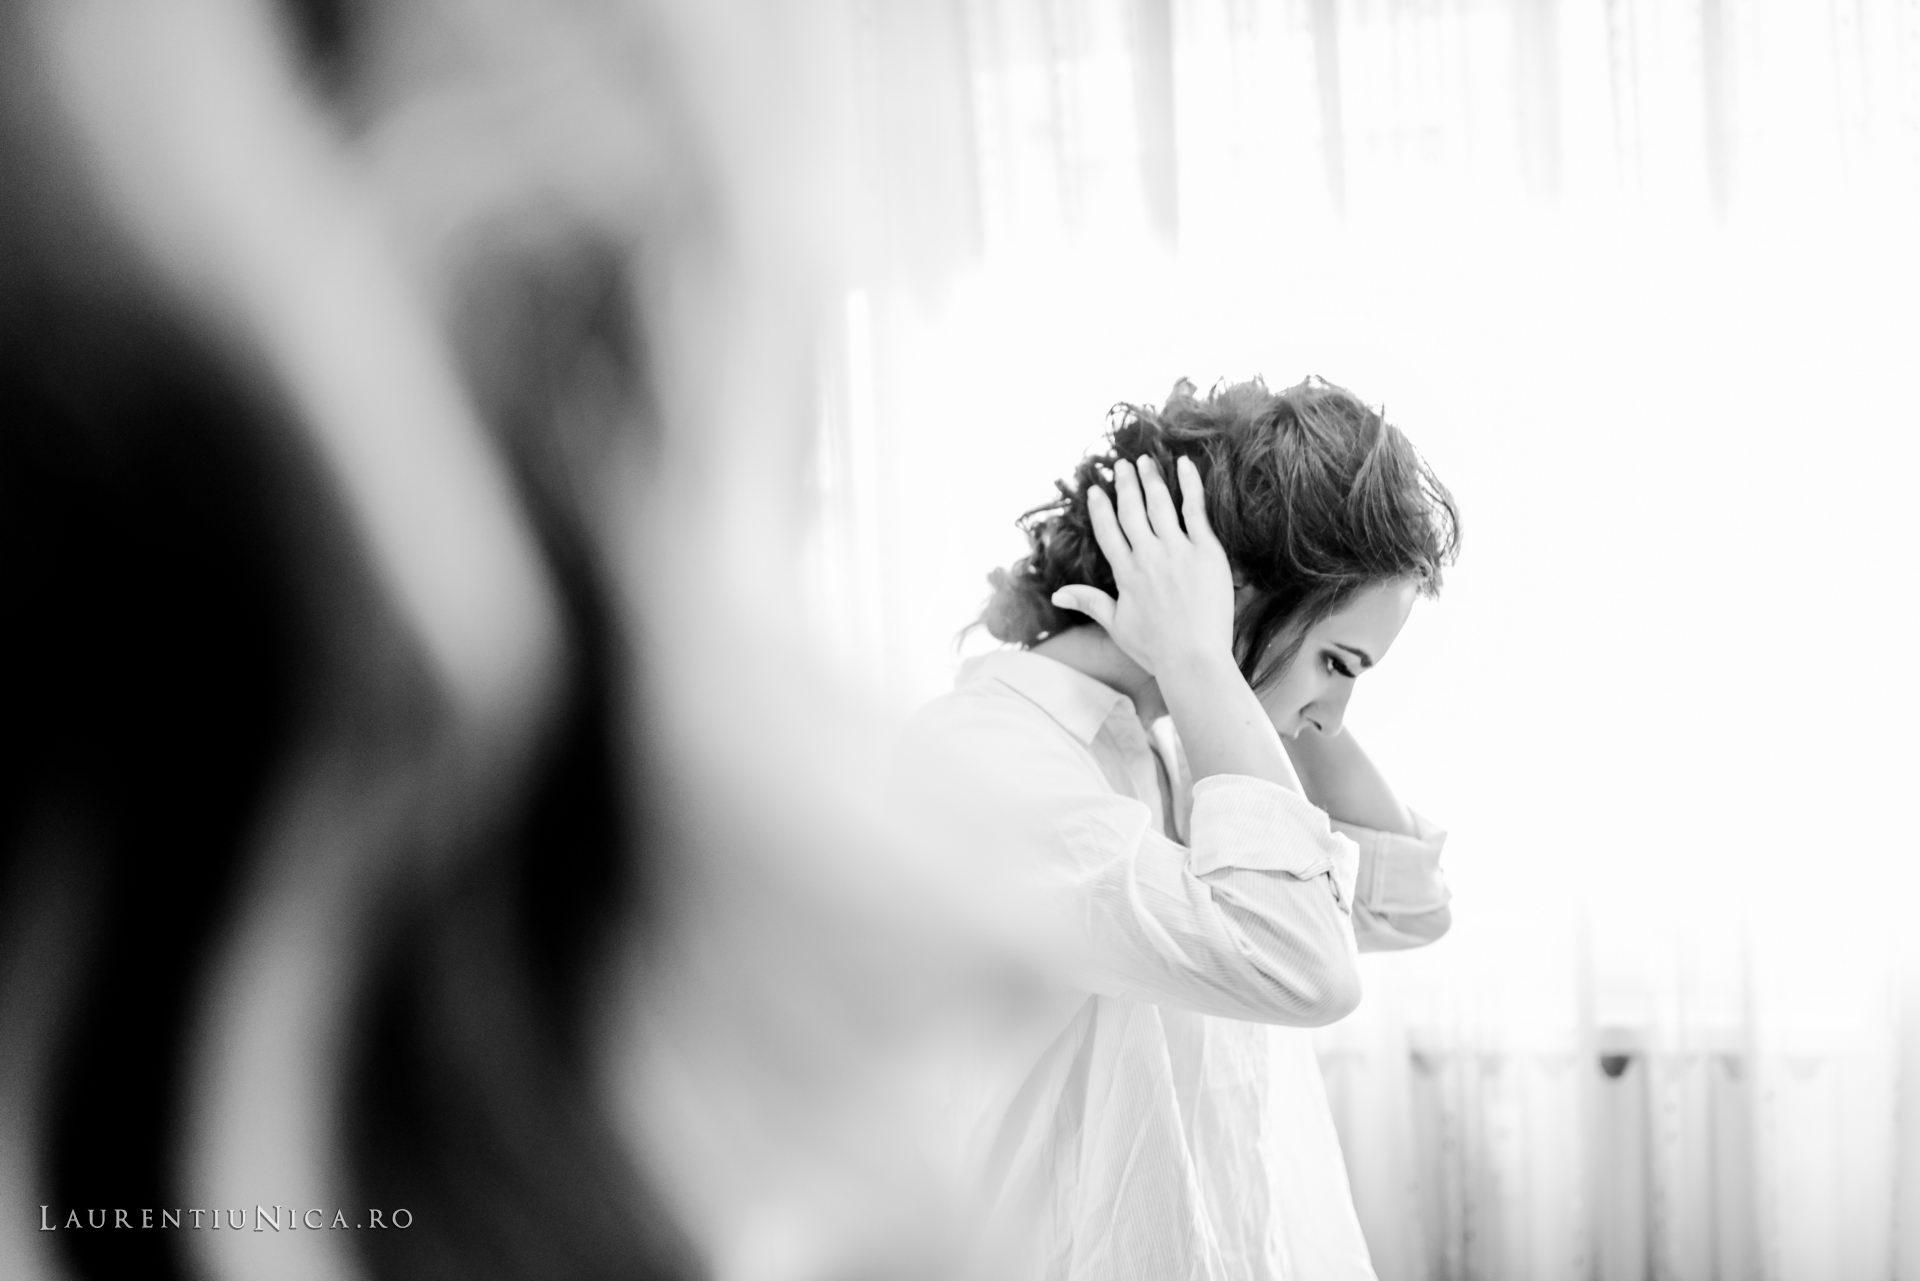 Cristina si Ovidiu nunta Craiova fotograf laurentiu nica 064 - Cristina & Ovidiu | Fotografii nunta | Craiova